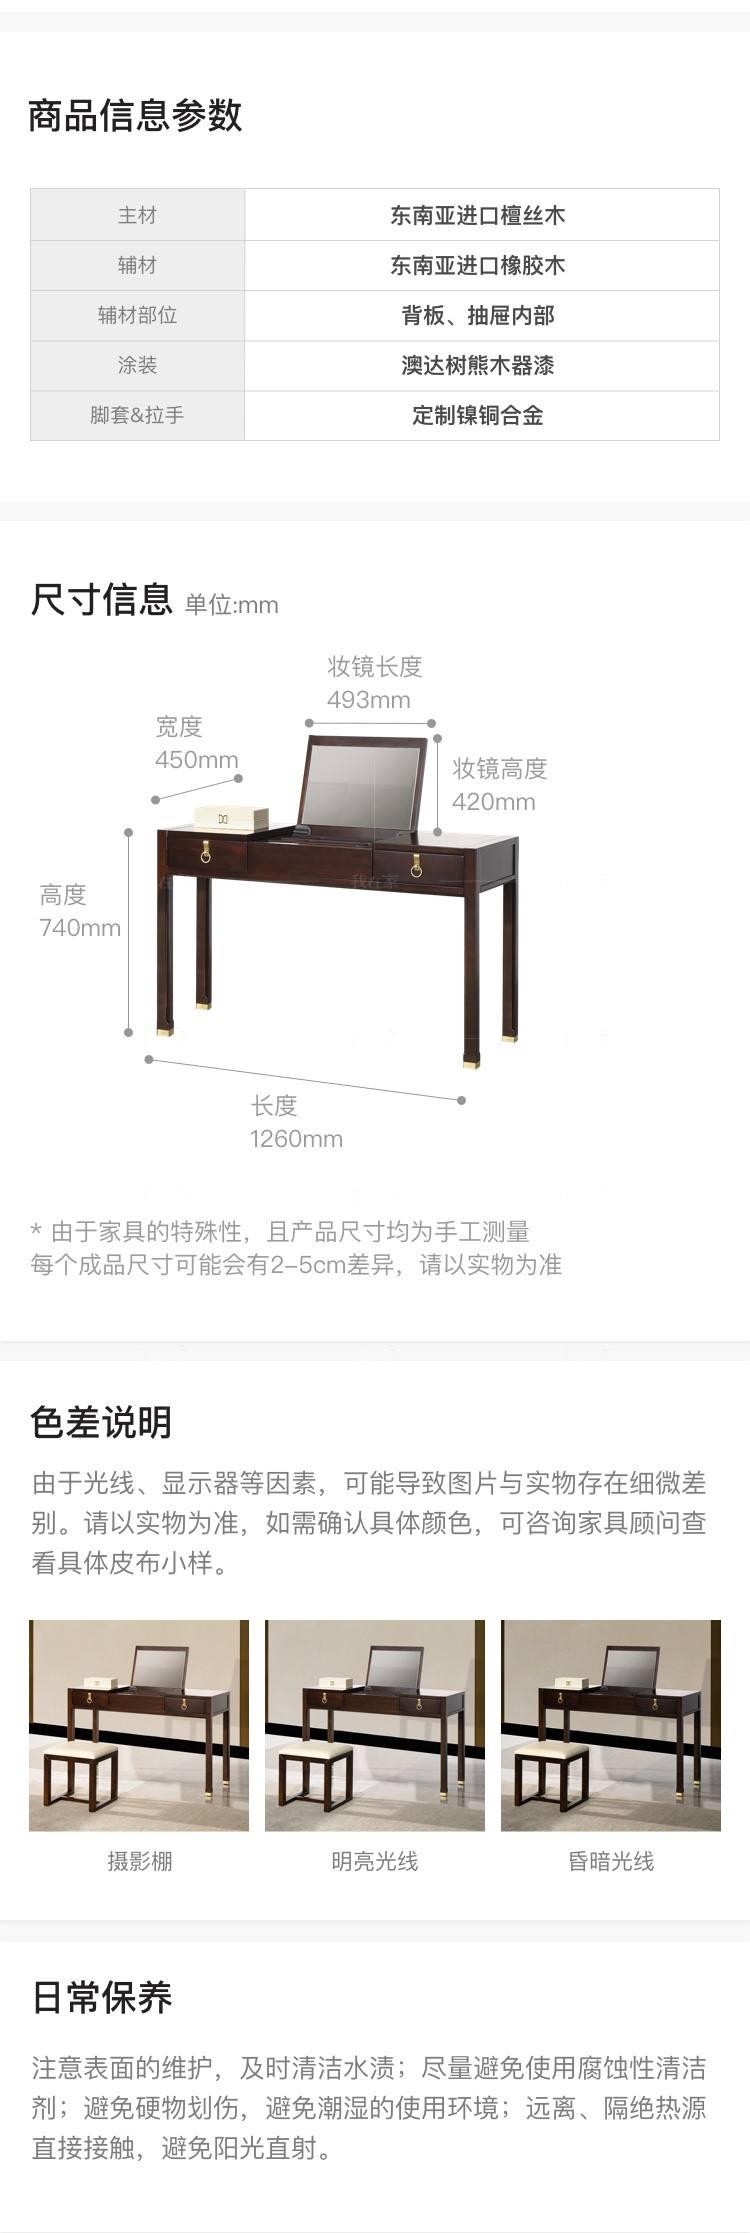 写意东方系列玲珑梳妆台的详细介绍